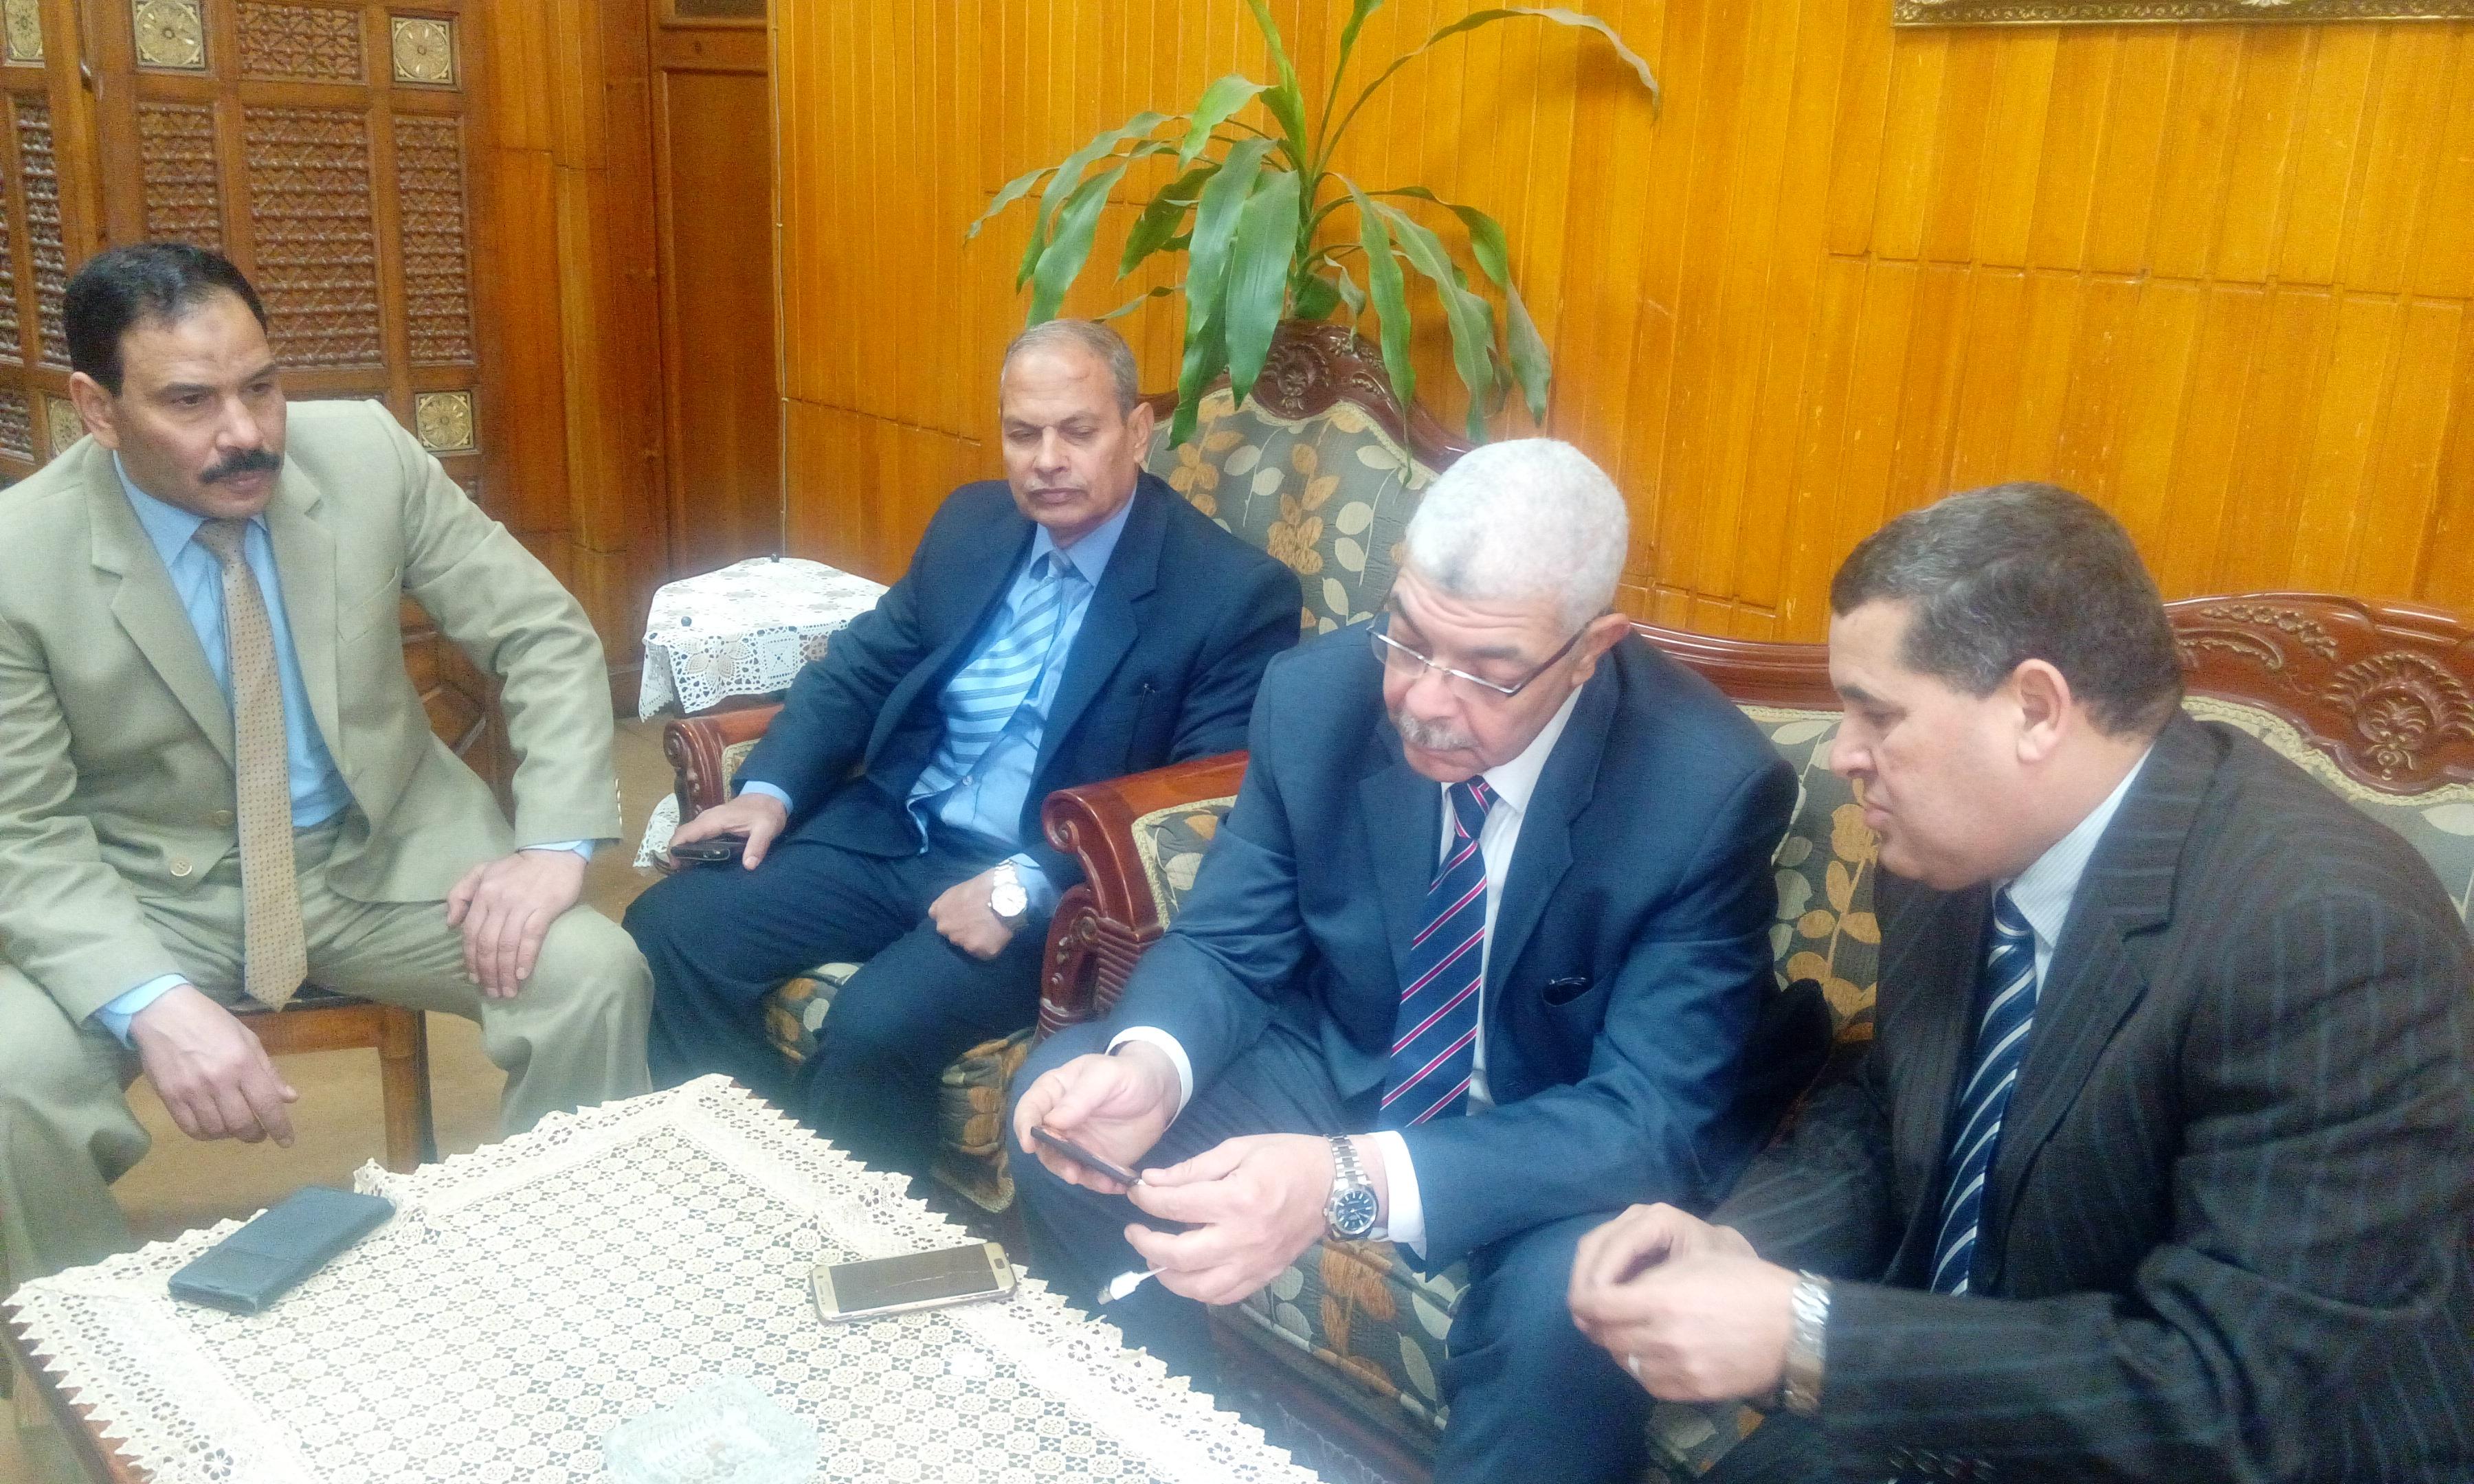 زيارة السيد الاستاذ الدكتور أحمد فرج القاصد  نائب رئيس الجامعة للدراسات العليا والبحوث